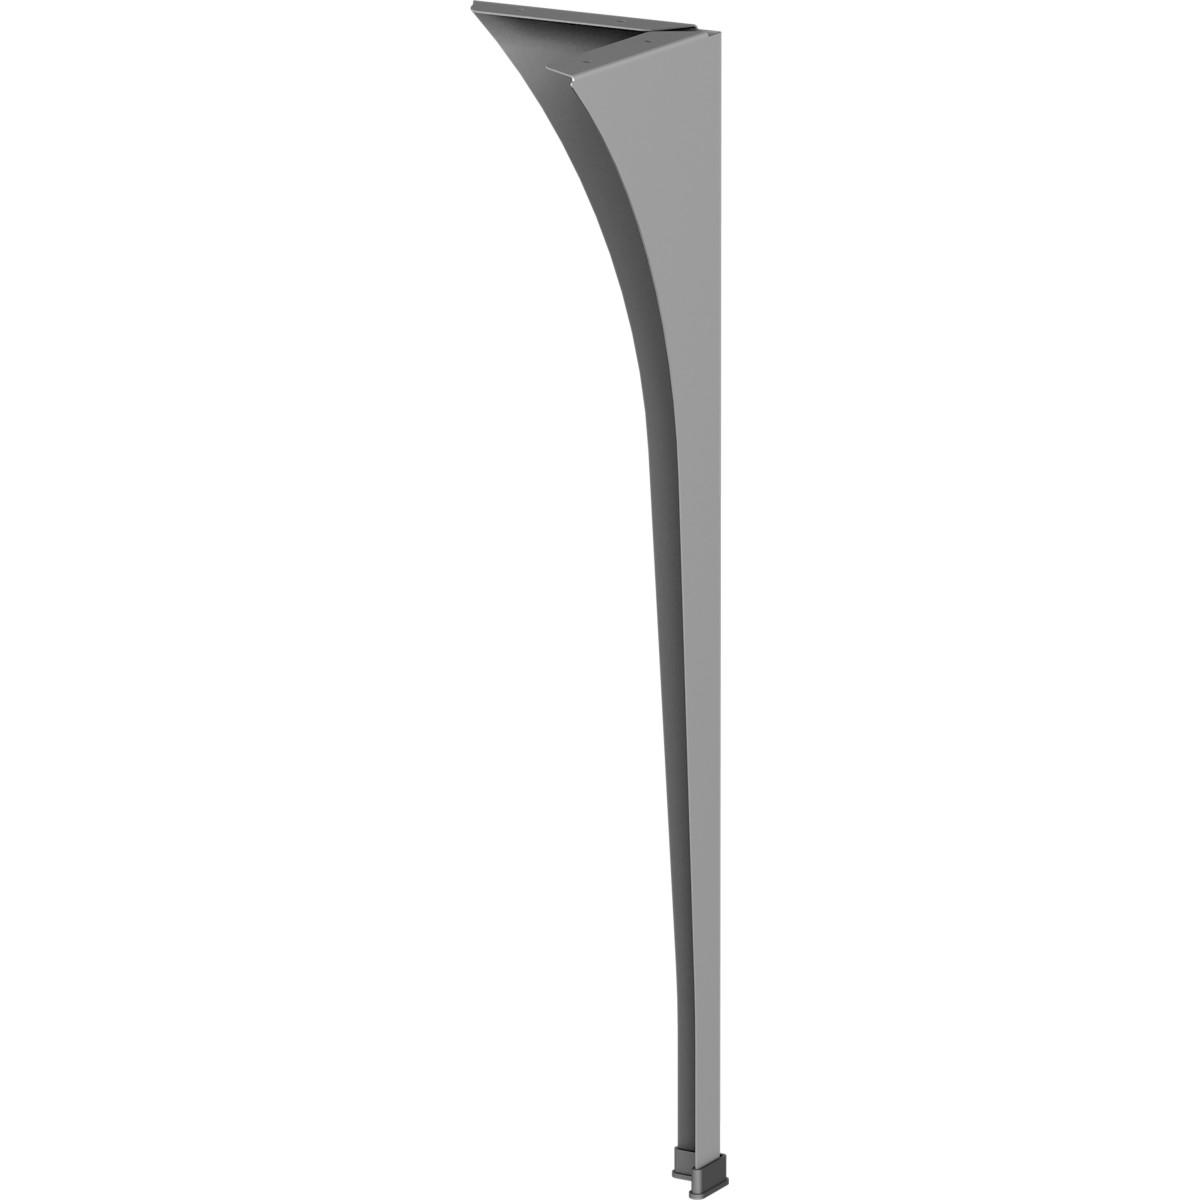 Ножка для стола 710 мм сталь цвет серый